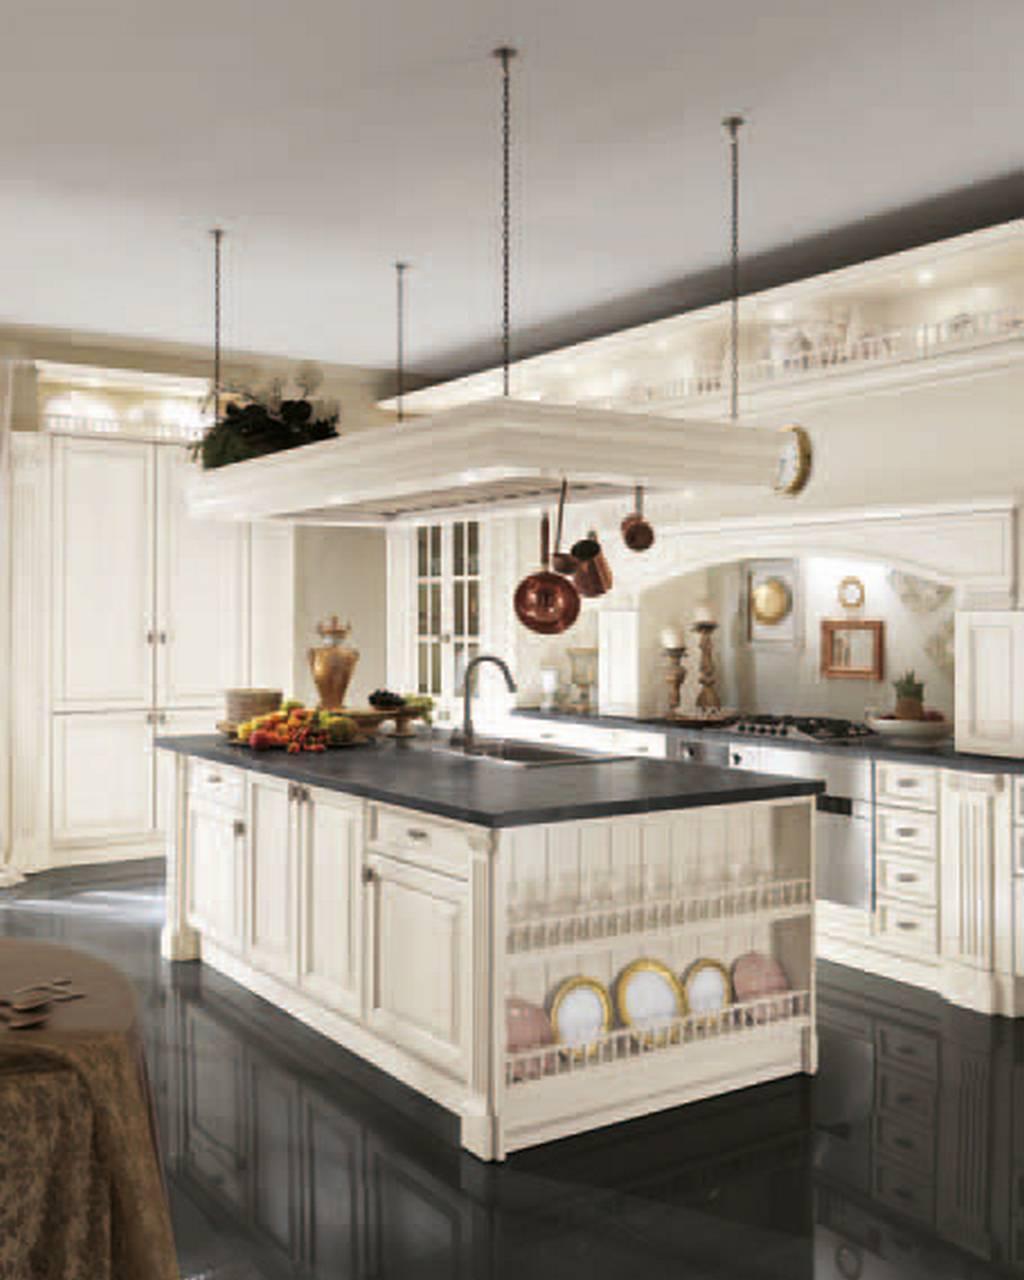 Fabbrica cucine classiche verona